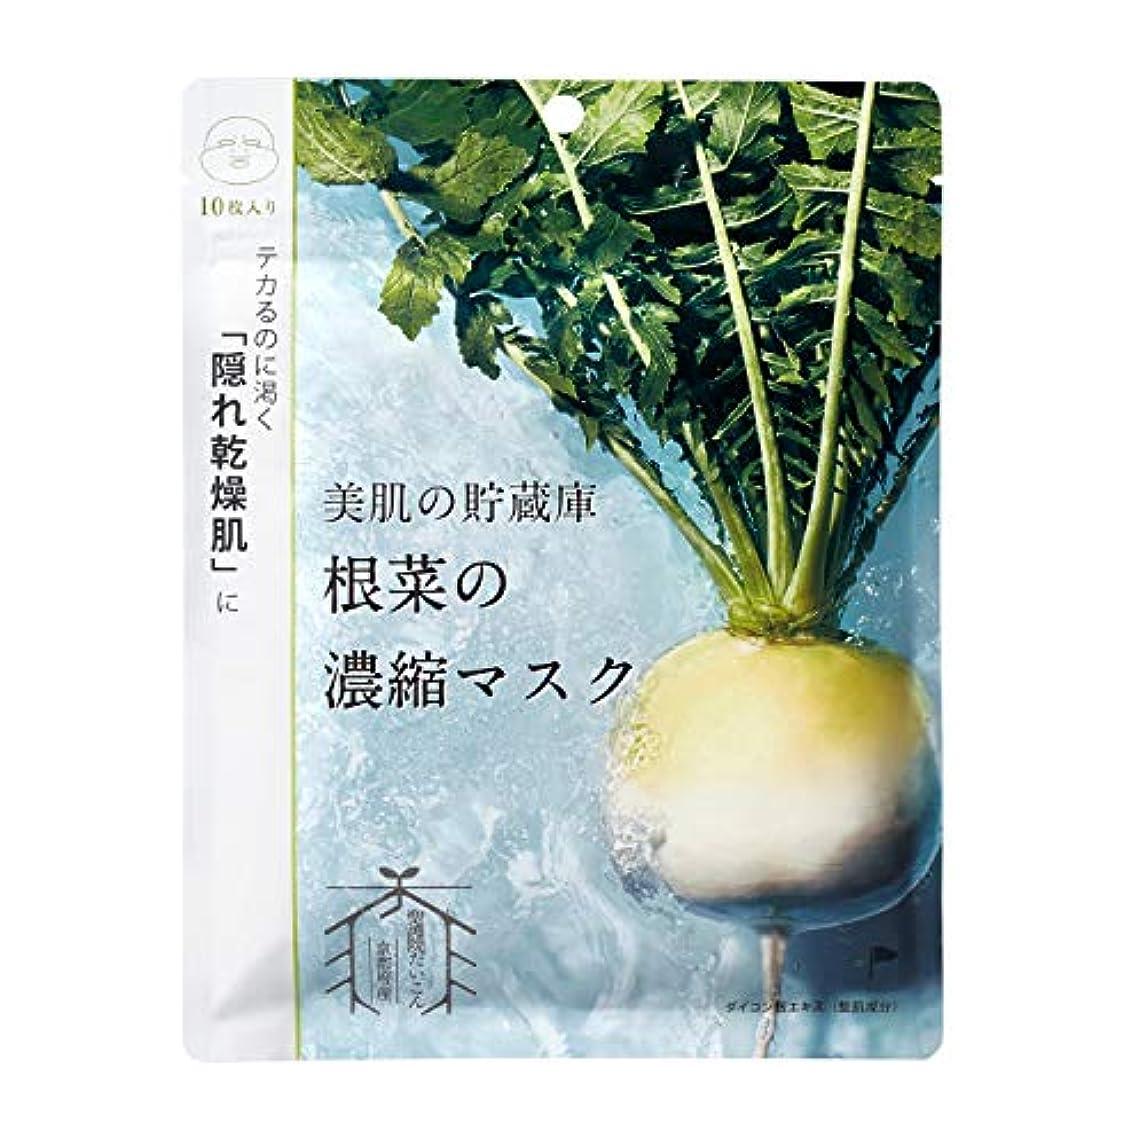 放置教え宿泊施設@cosme nippon 美肌の貯蔵庫 根菜の濃縮マスク 聖護院だいこん 10枚入 148ml